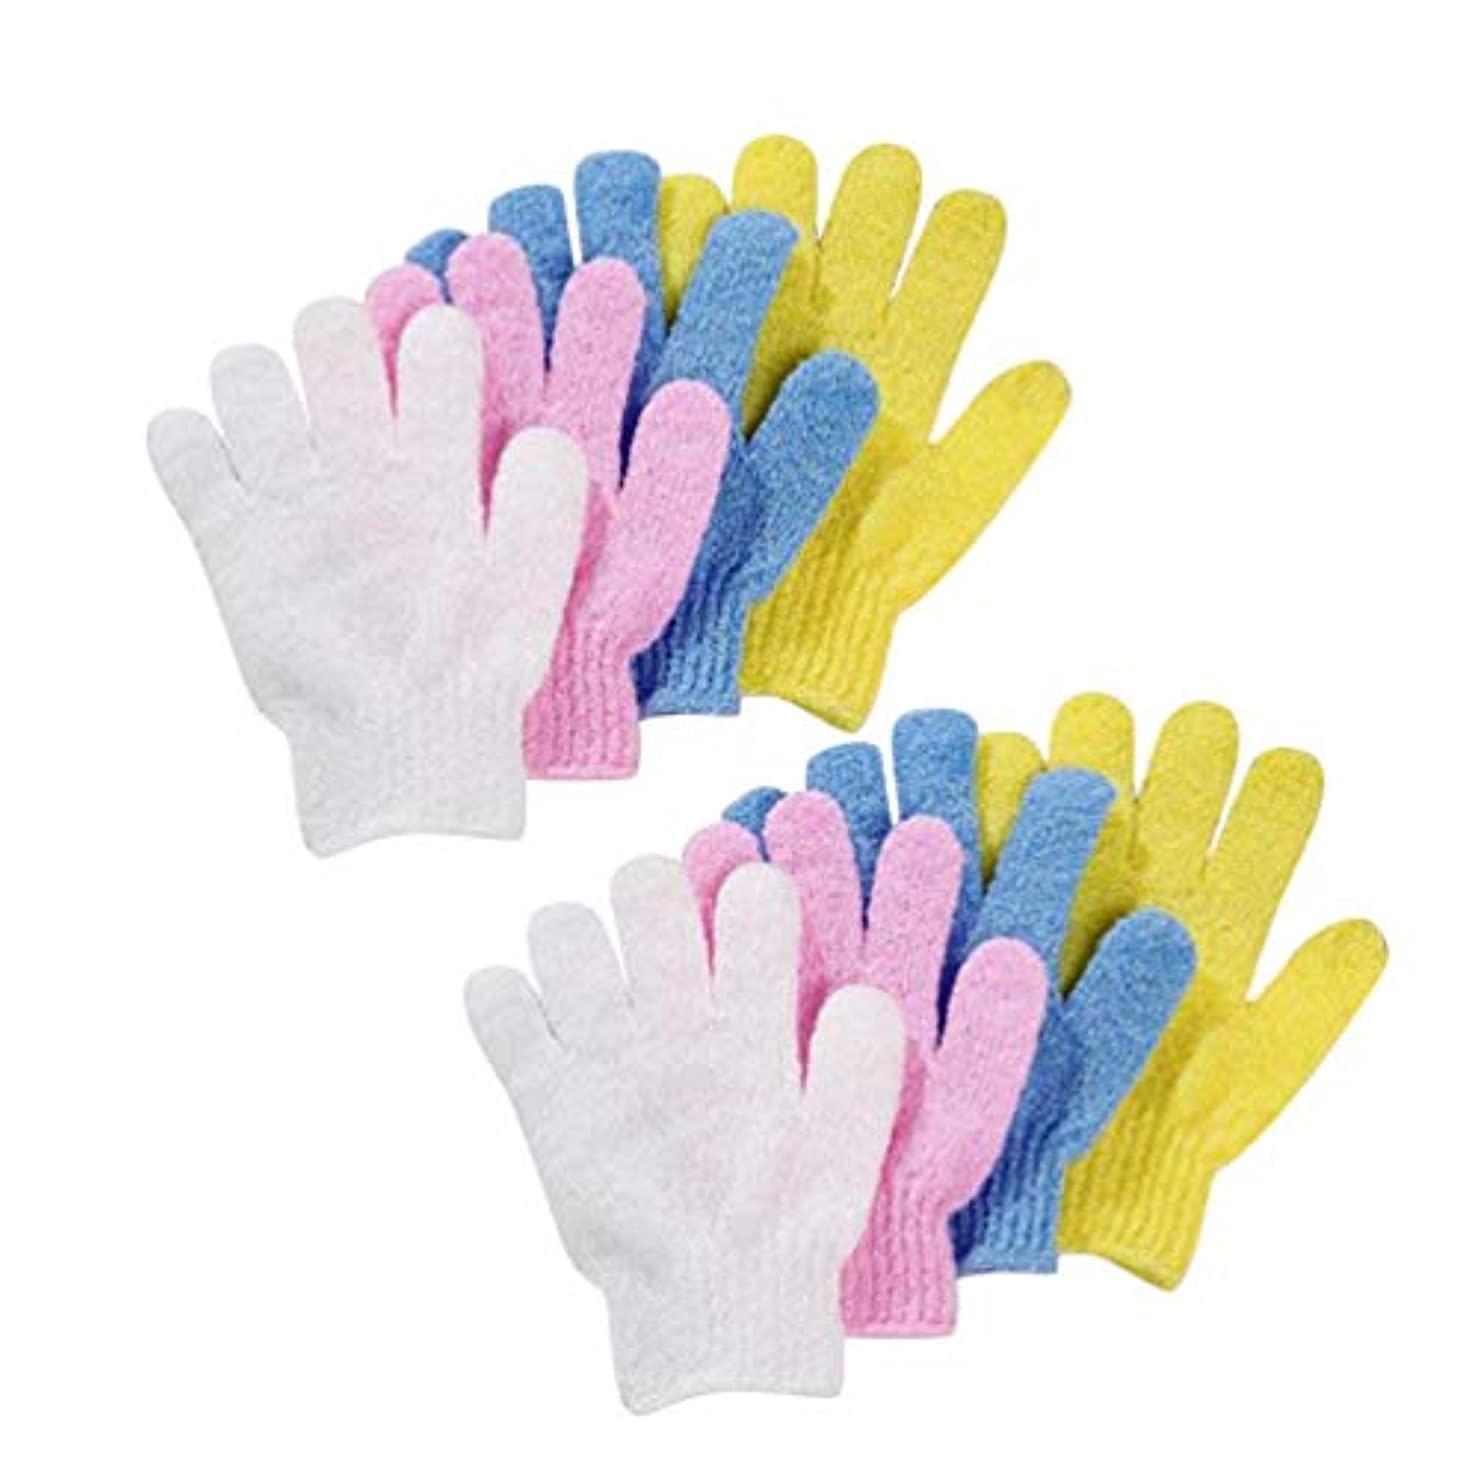 レトルトのり存在Frcolor 浴用手袋 お風呂手袋 五本指 泡立ち 角質取り シャワーバスグローブ ナイロン 垢すり手袋 バス用品 4ペア 8枚セット(ホワイト)